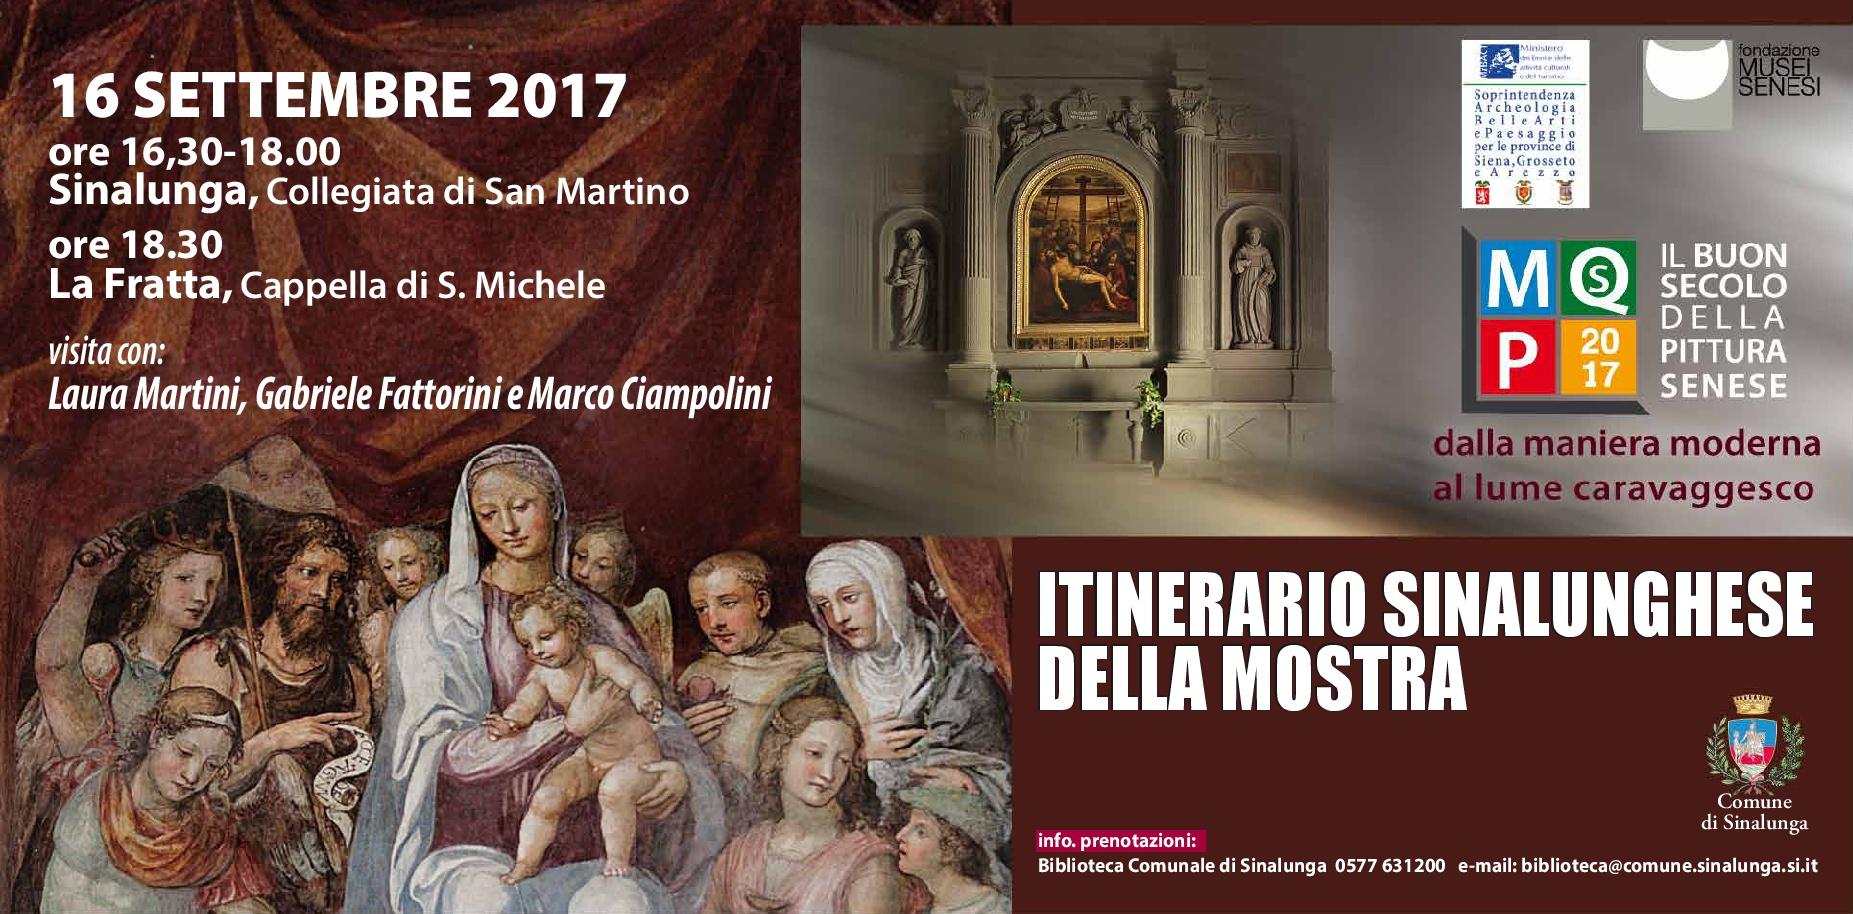 itinerario_sinalunghese_invito-001